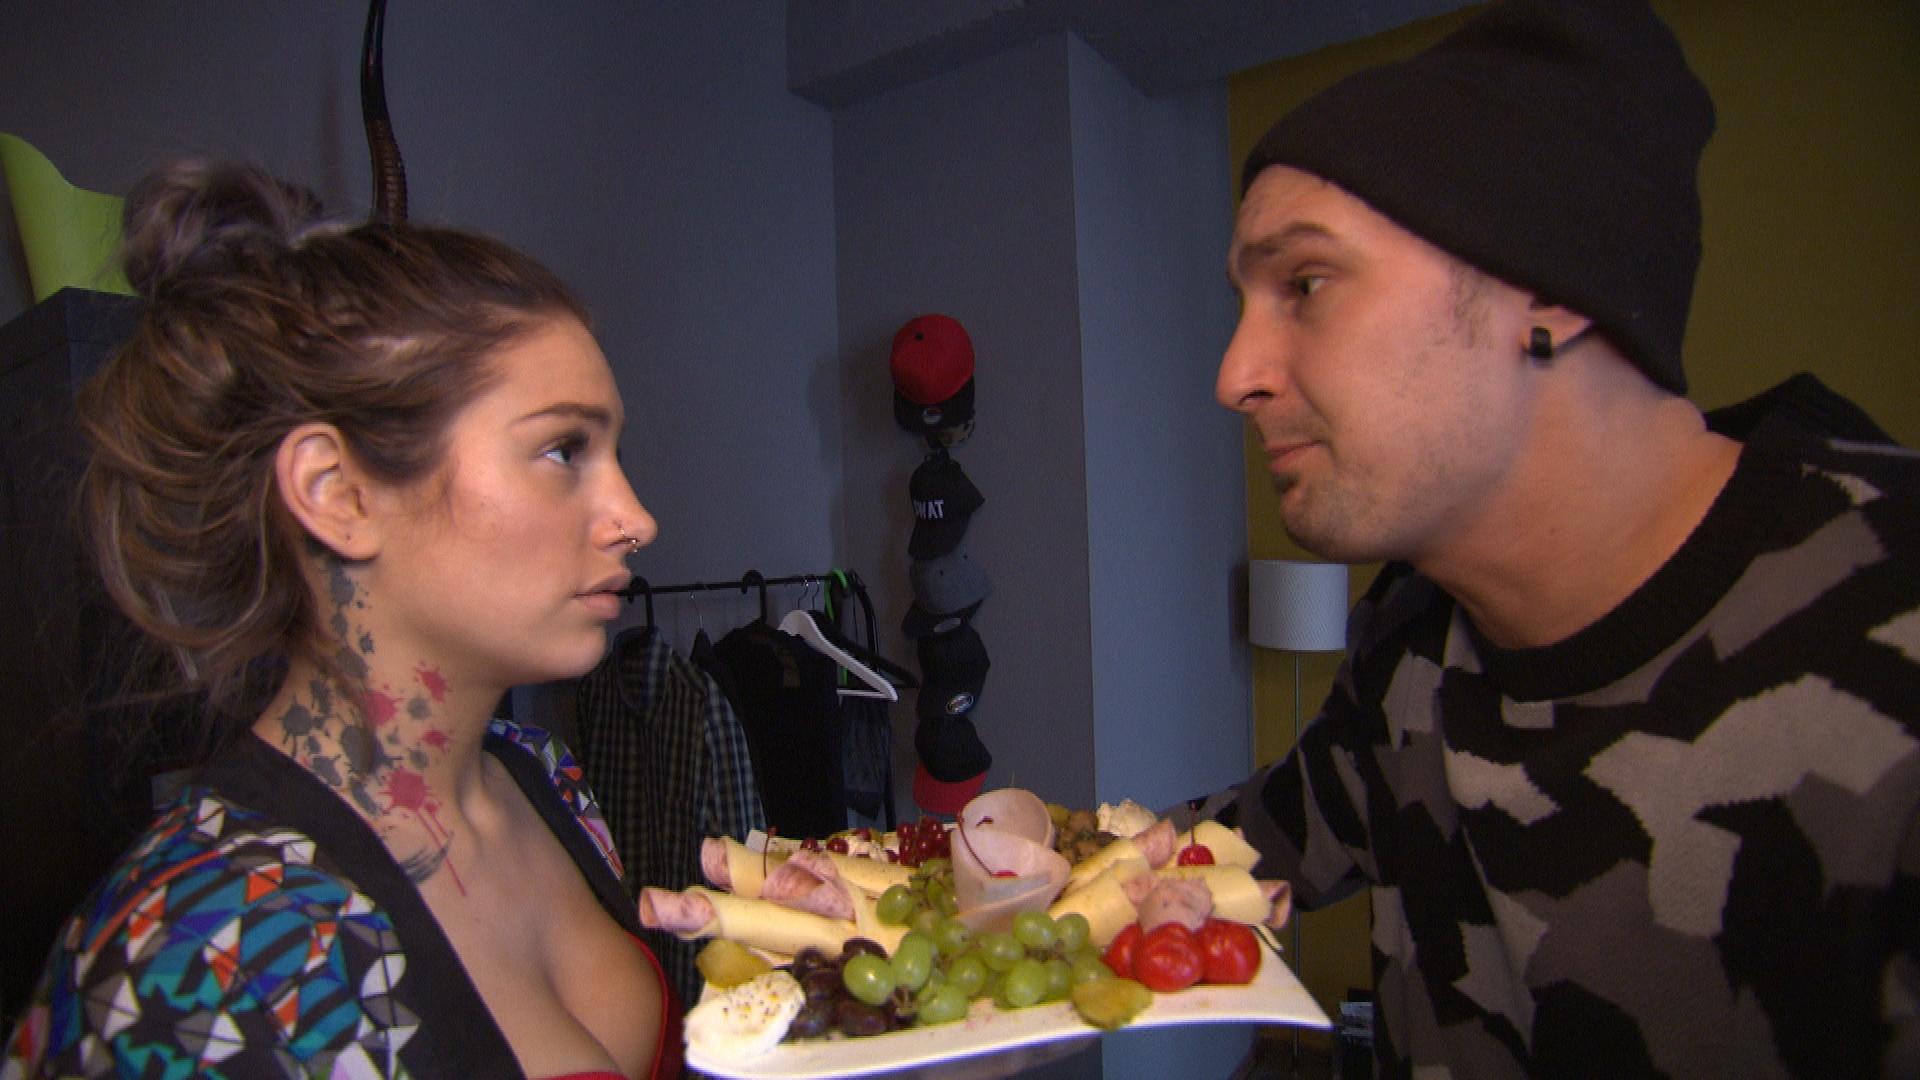 Milla blitzt mit ihrem Entschuldigungsversuch bei Leon ab... (Quelle: RTL 2)